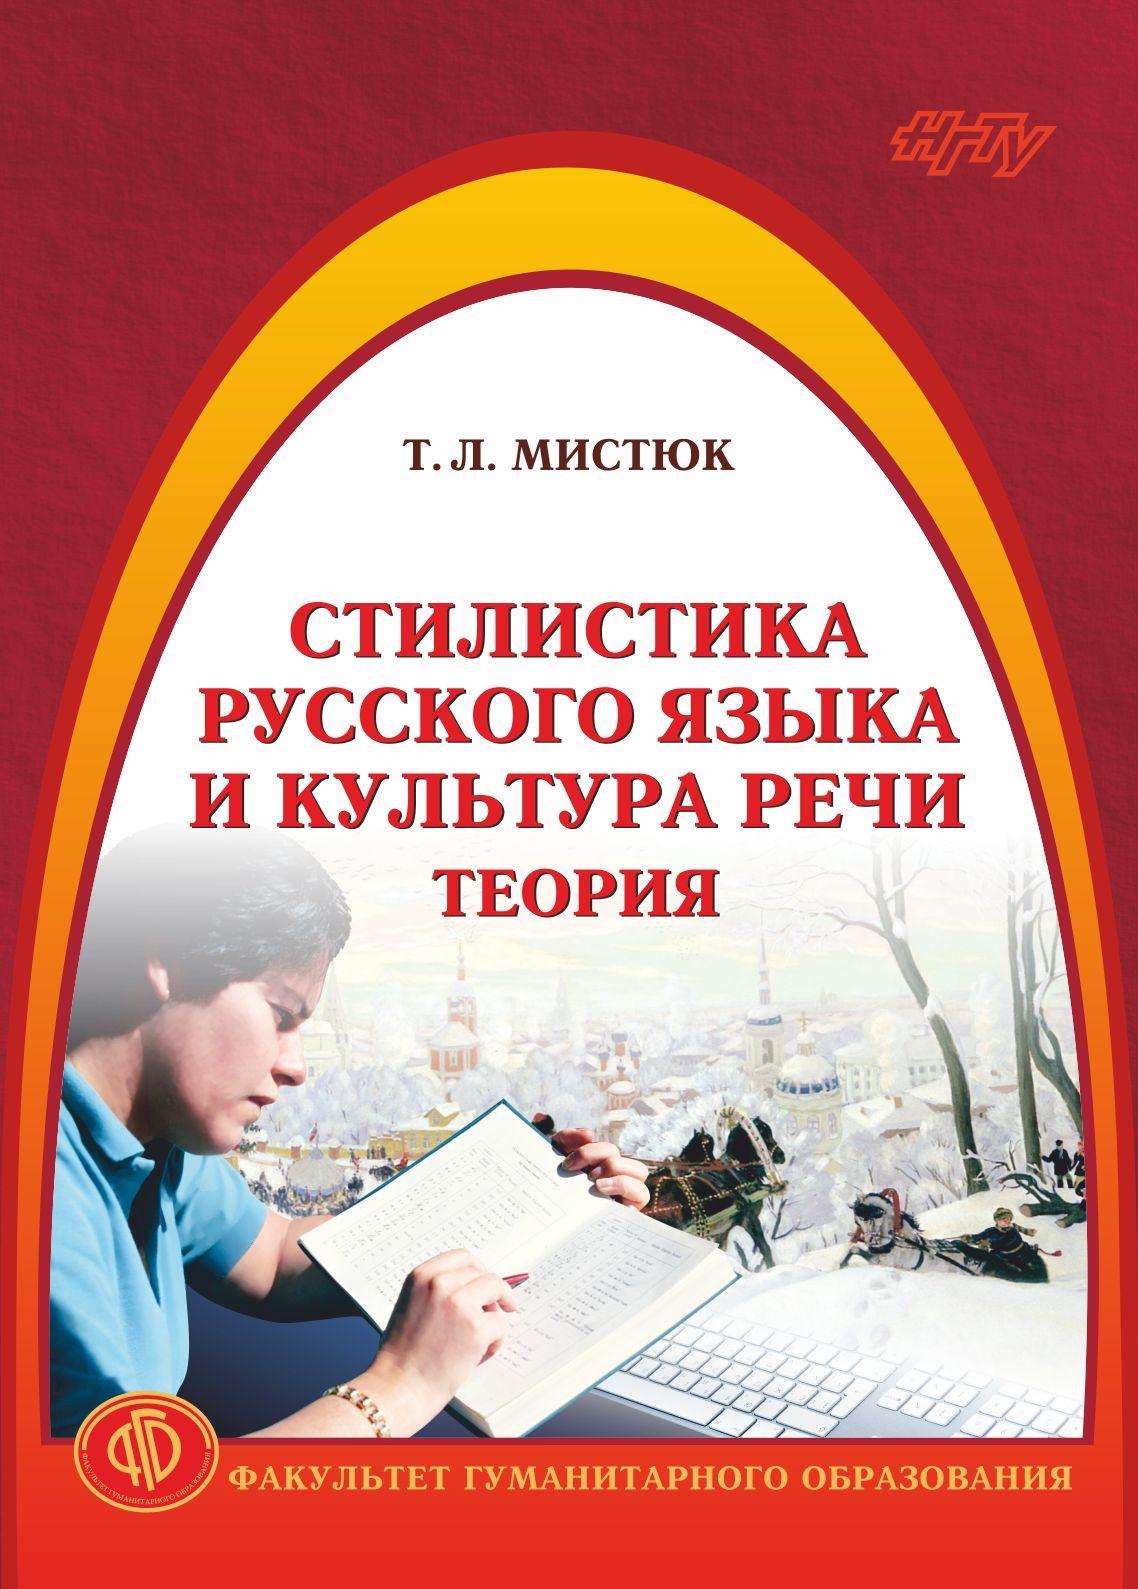 Стилистика русского языка и культура речи. Теория